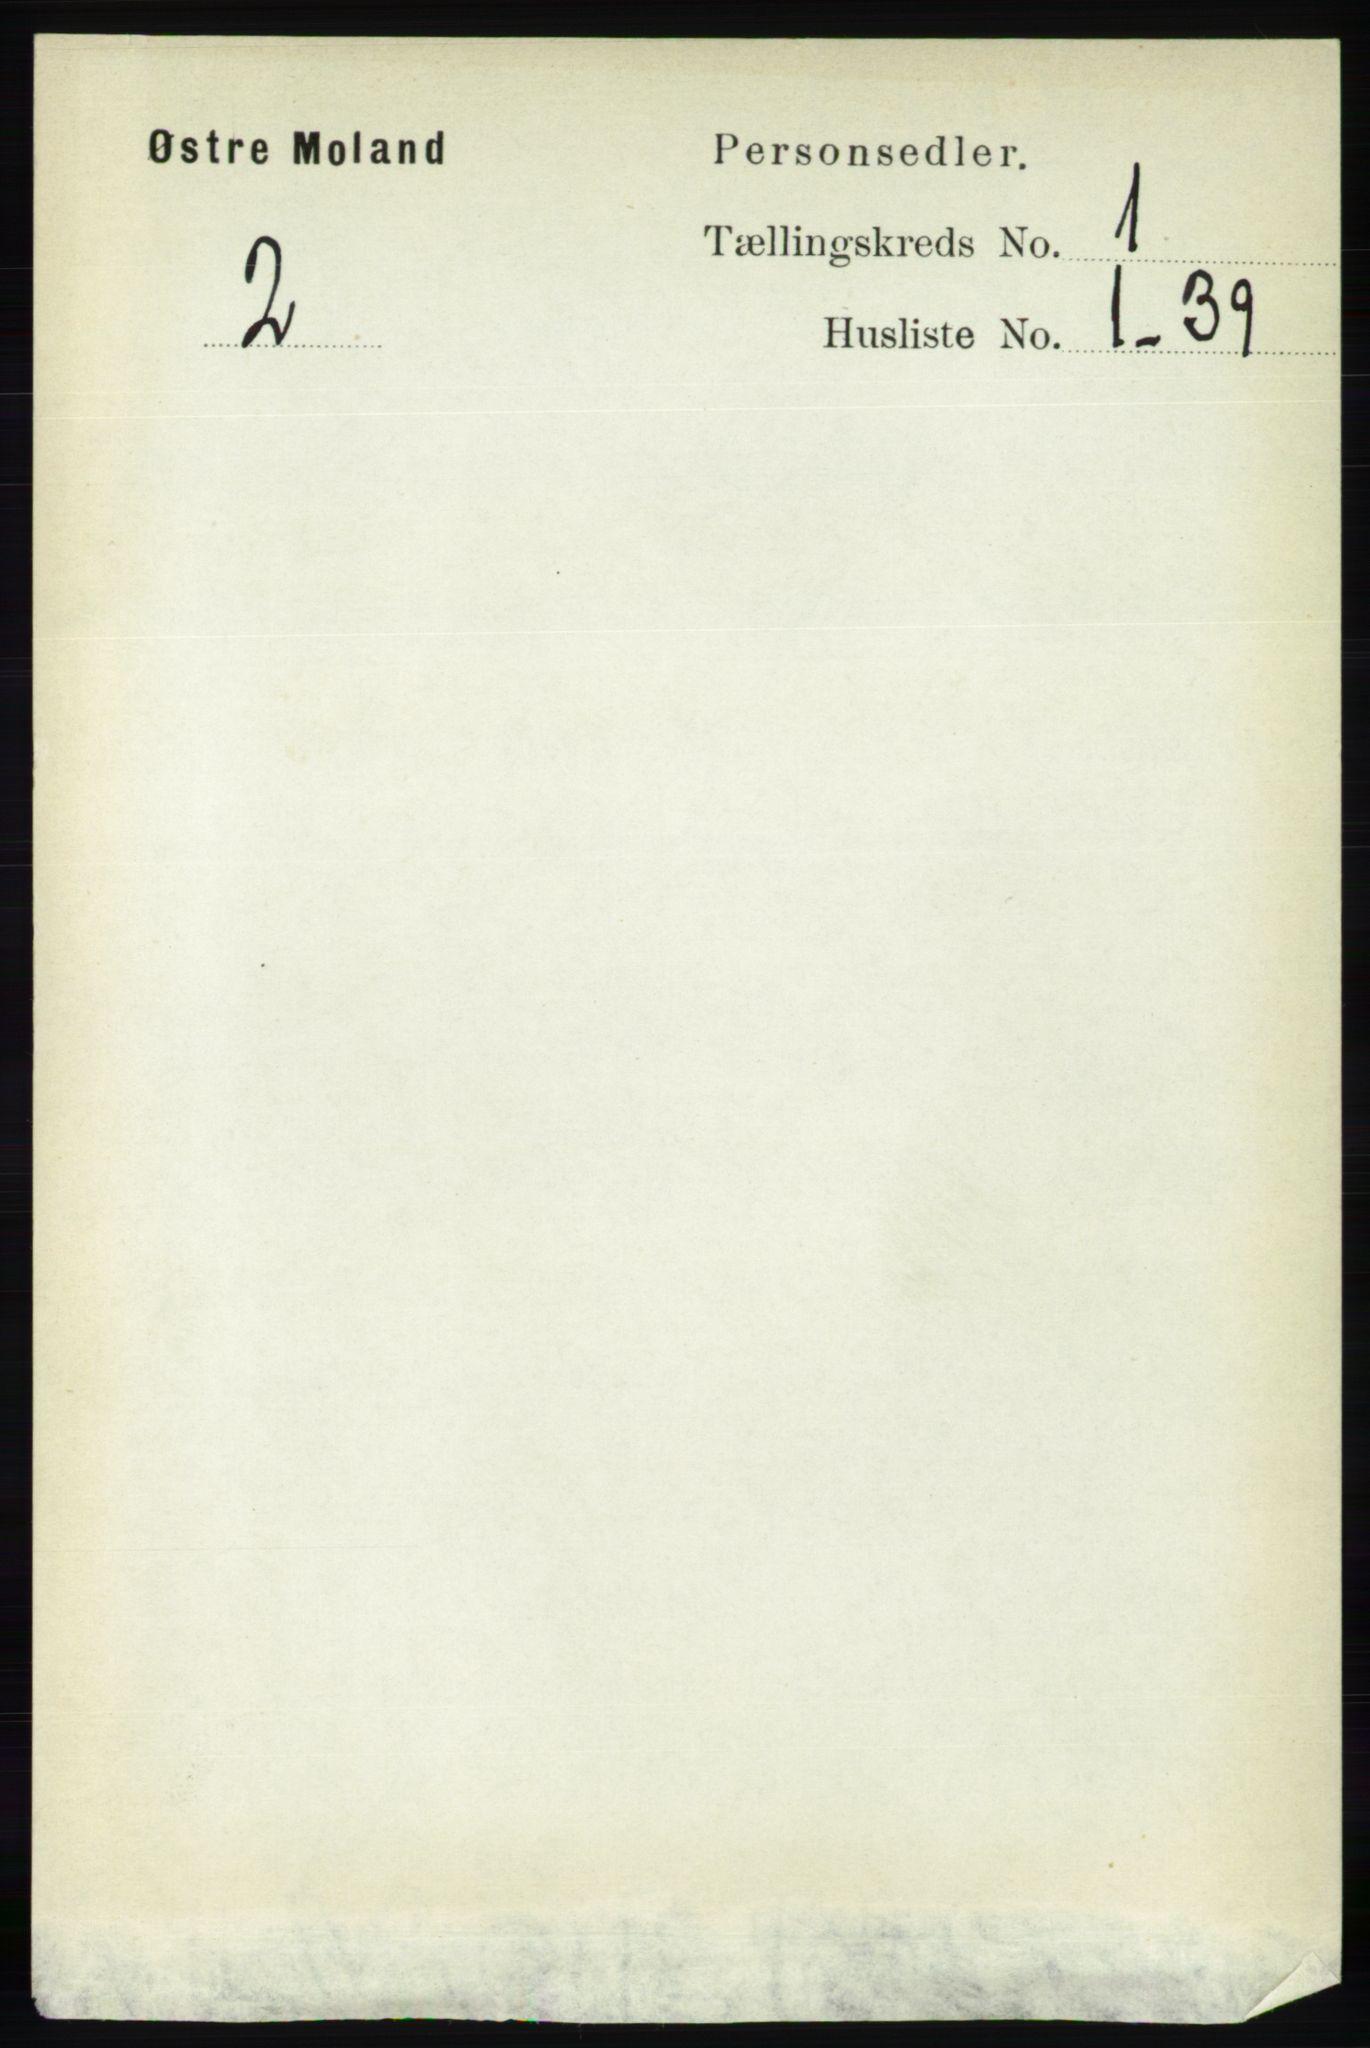 RA, Folketelling 1891 for 0918 Austre Moland herred, 1891, s. 93